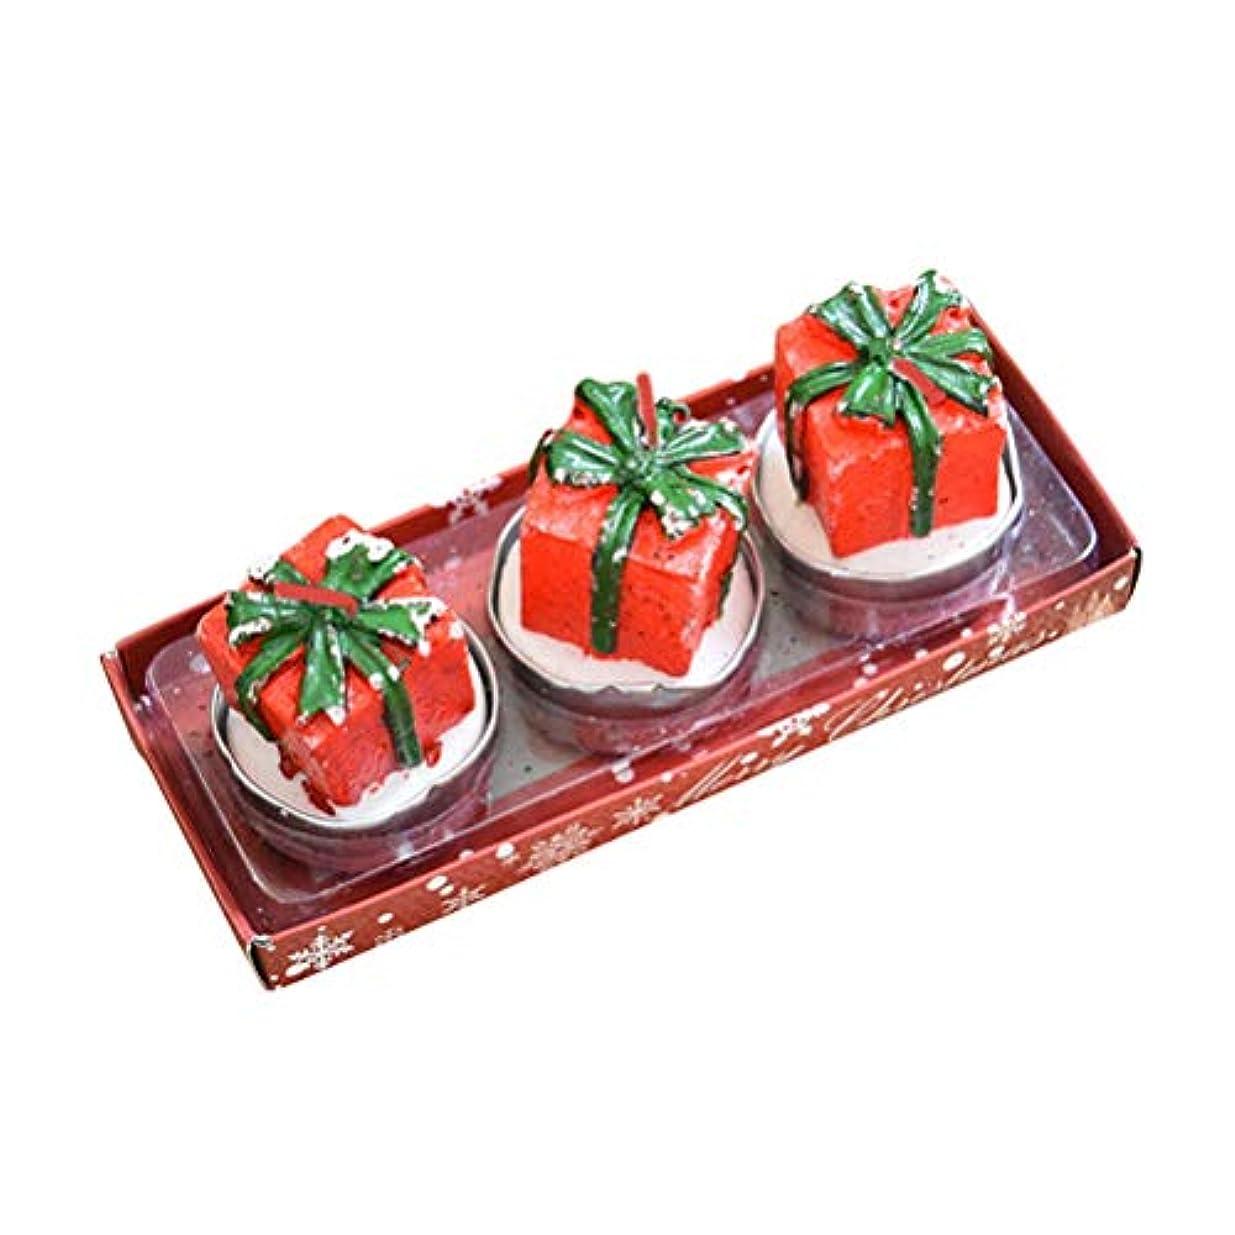 火山のお母さん女の子BESTOYARD 3本のクリスマスキャンドルミニキュートな装飾的なギフトボックス形状のキャンドルスパのホームクリスマスパーティーウィンドウの表示テーブルの装飾の贈り物